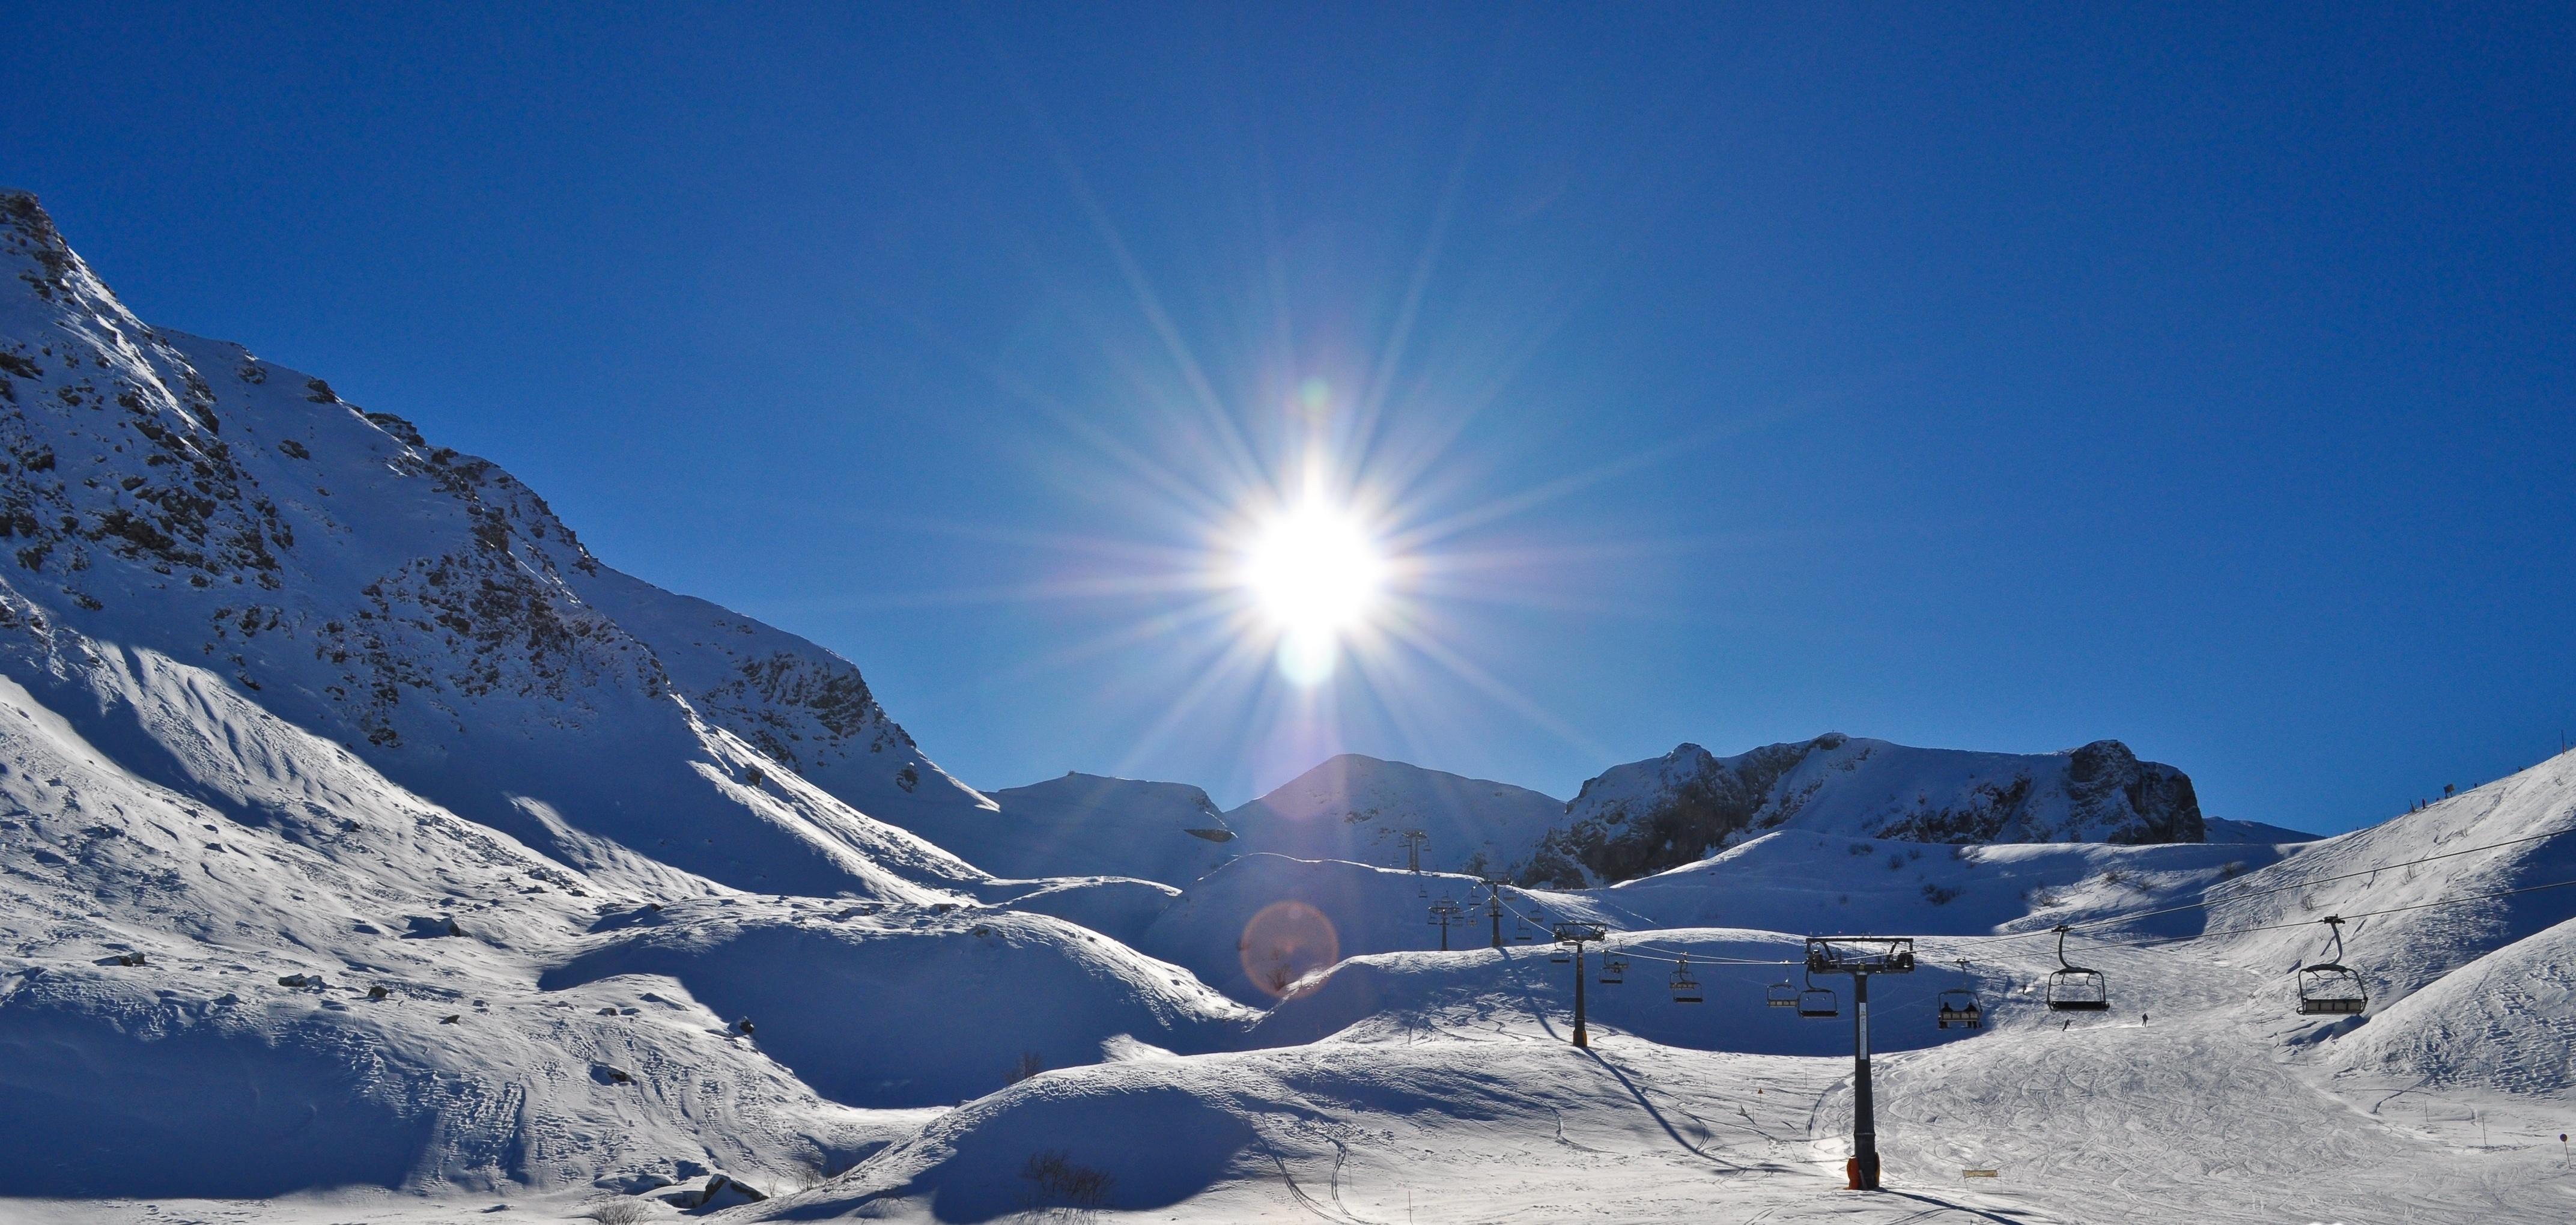 Limone Piemonte è una delle località protagoniste non solo della storia dello sci in Italia, ma anche della sua stessa nascita. Tutto iniziò nel 1896, quando l' ingegnere svizzero Adolfo…